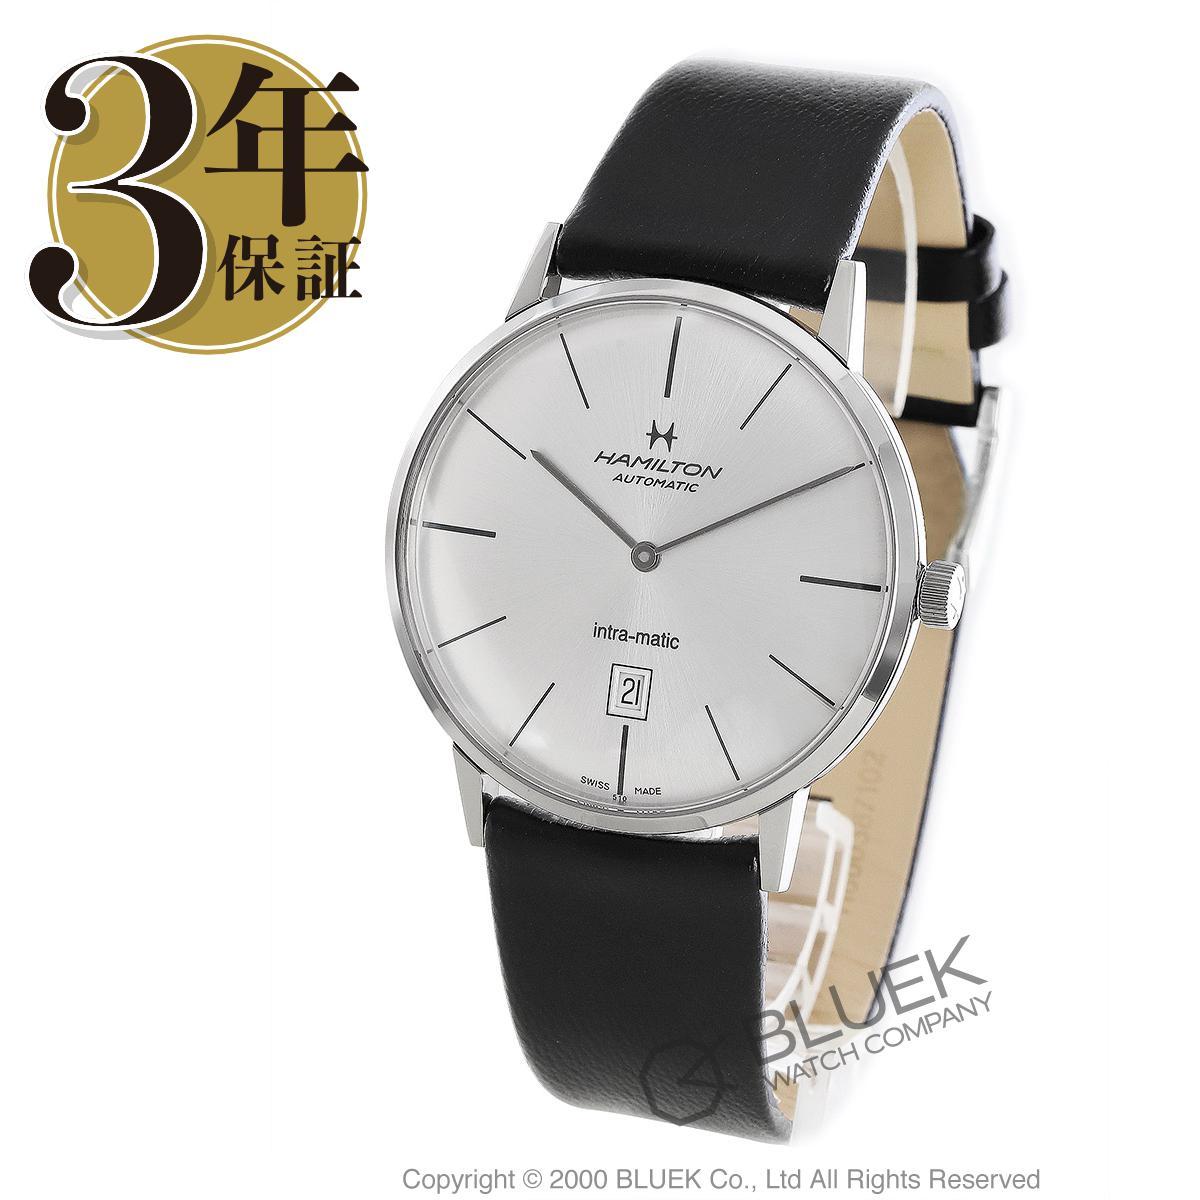 ハミルトン イントラマティック 腕時計 メンズ HAMILTON H38755751_3